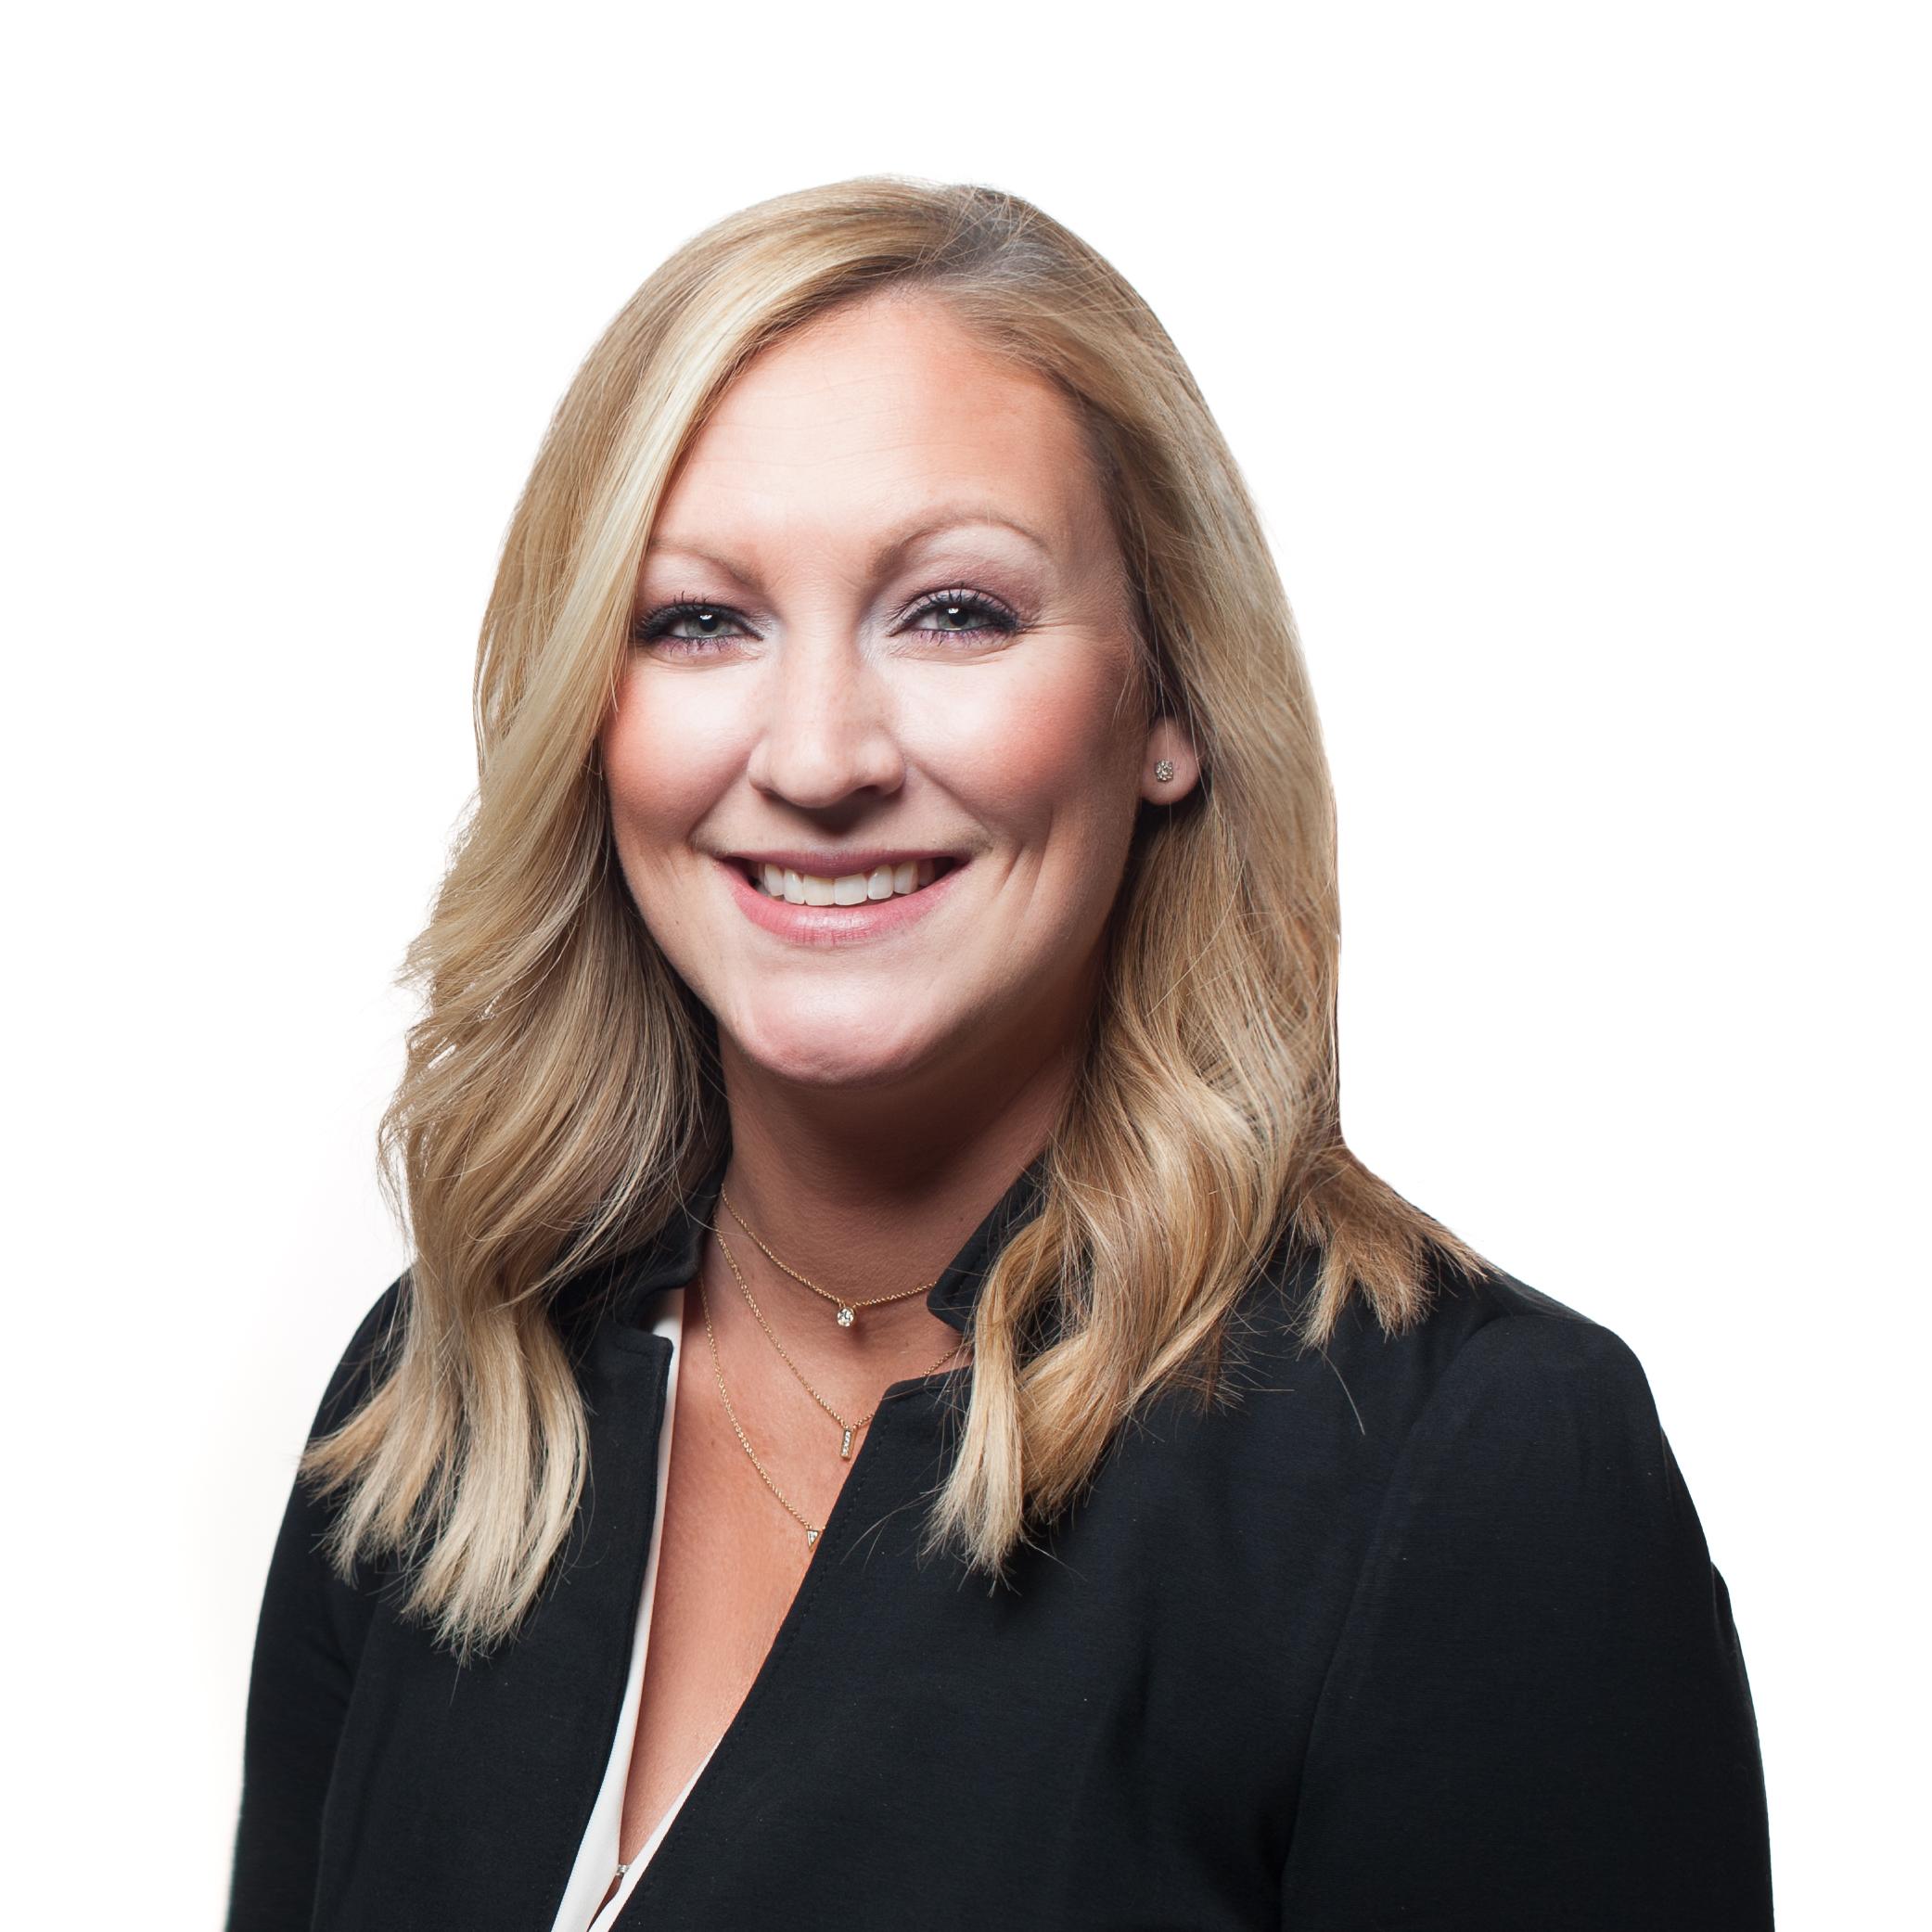 Stefanie Brown - VP, Marketing at CREA